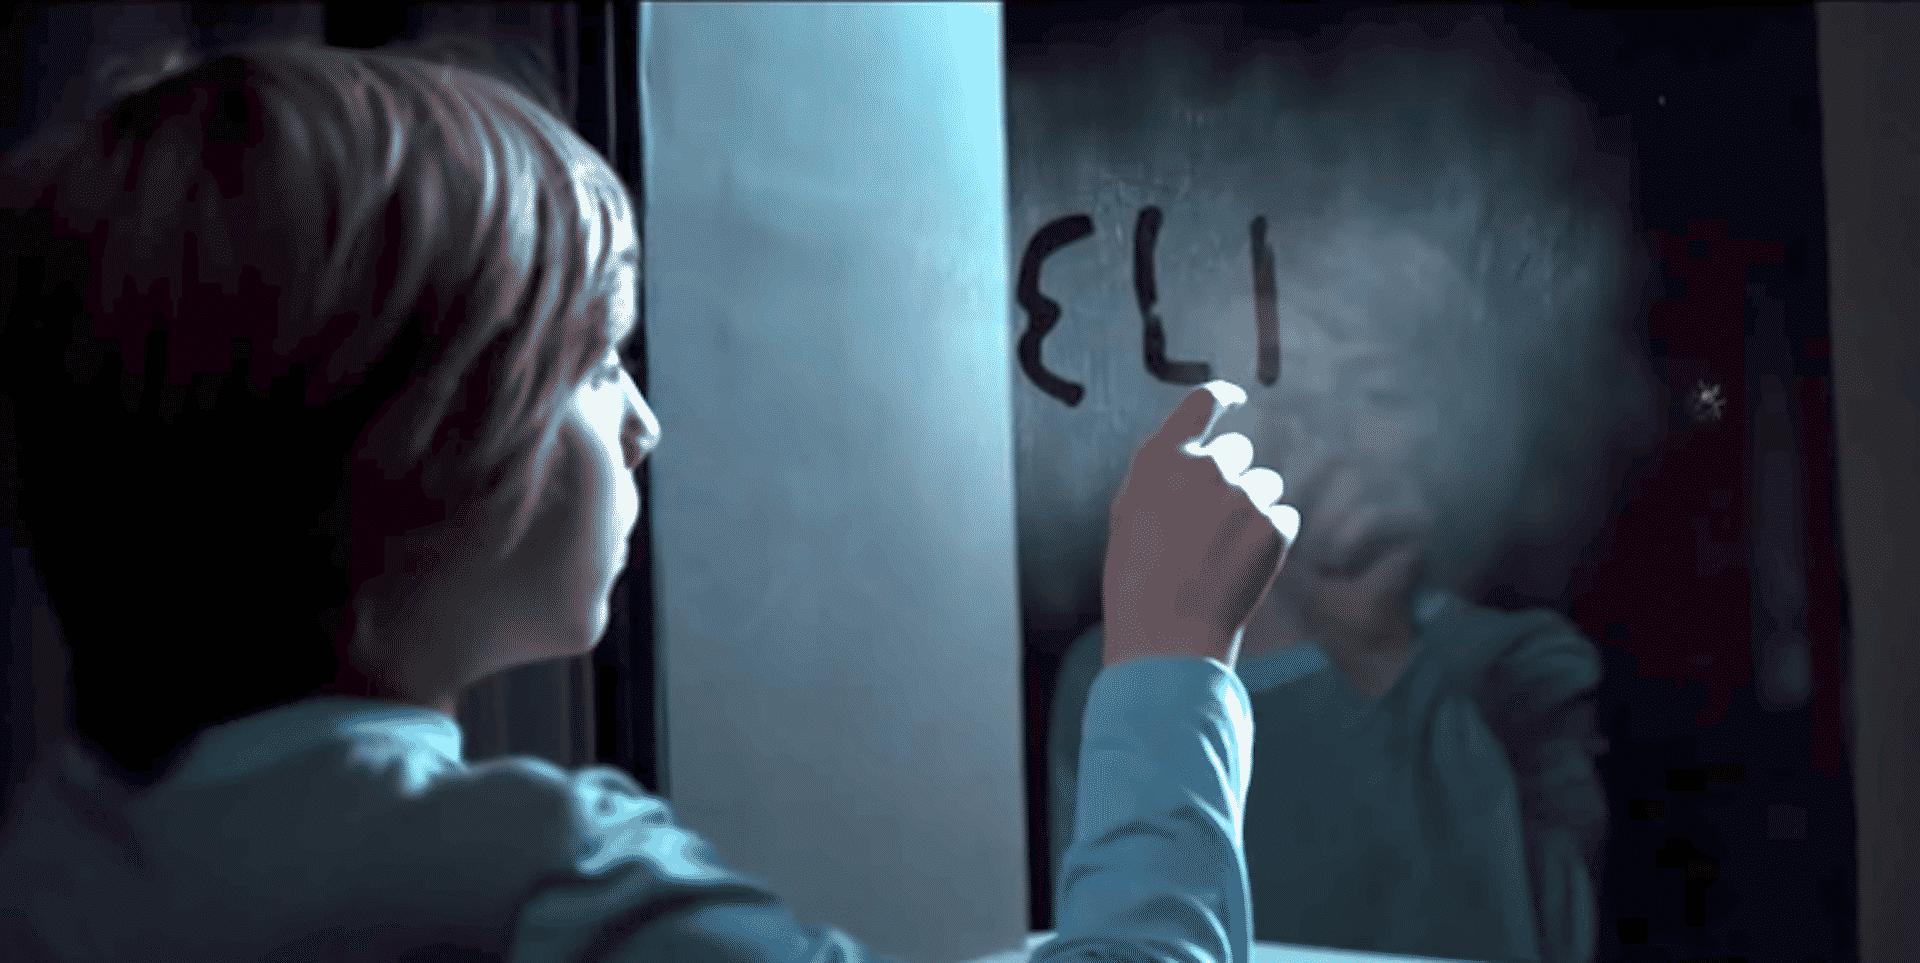 Revisión    Eli (Netflix original)